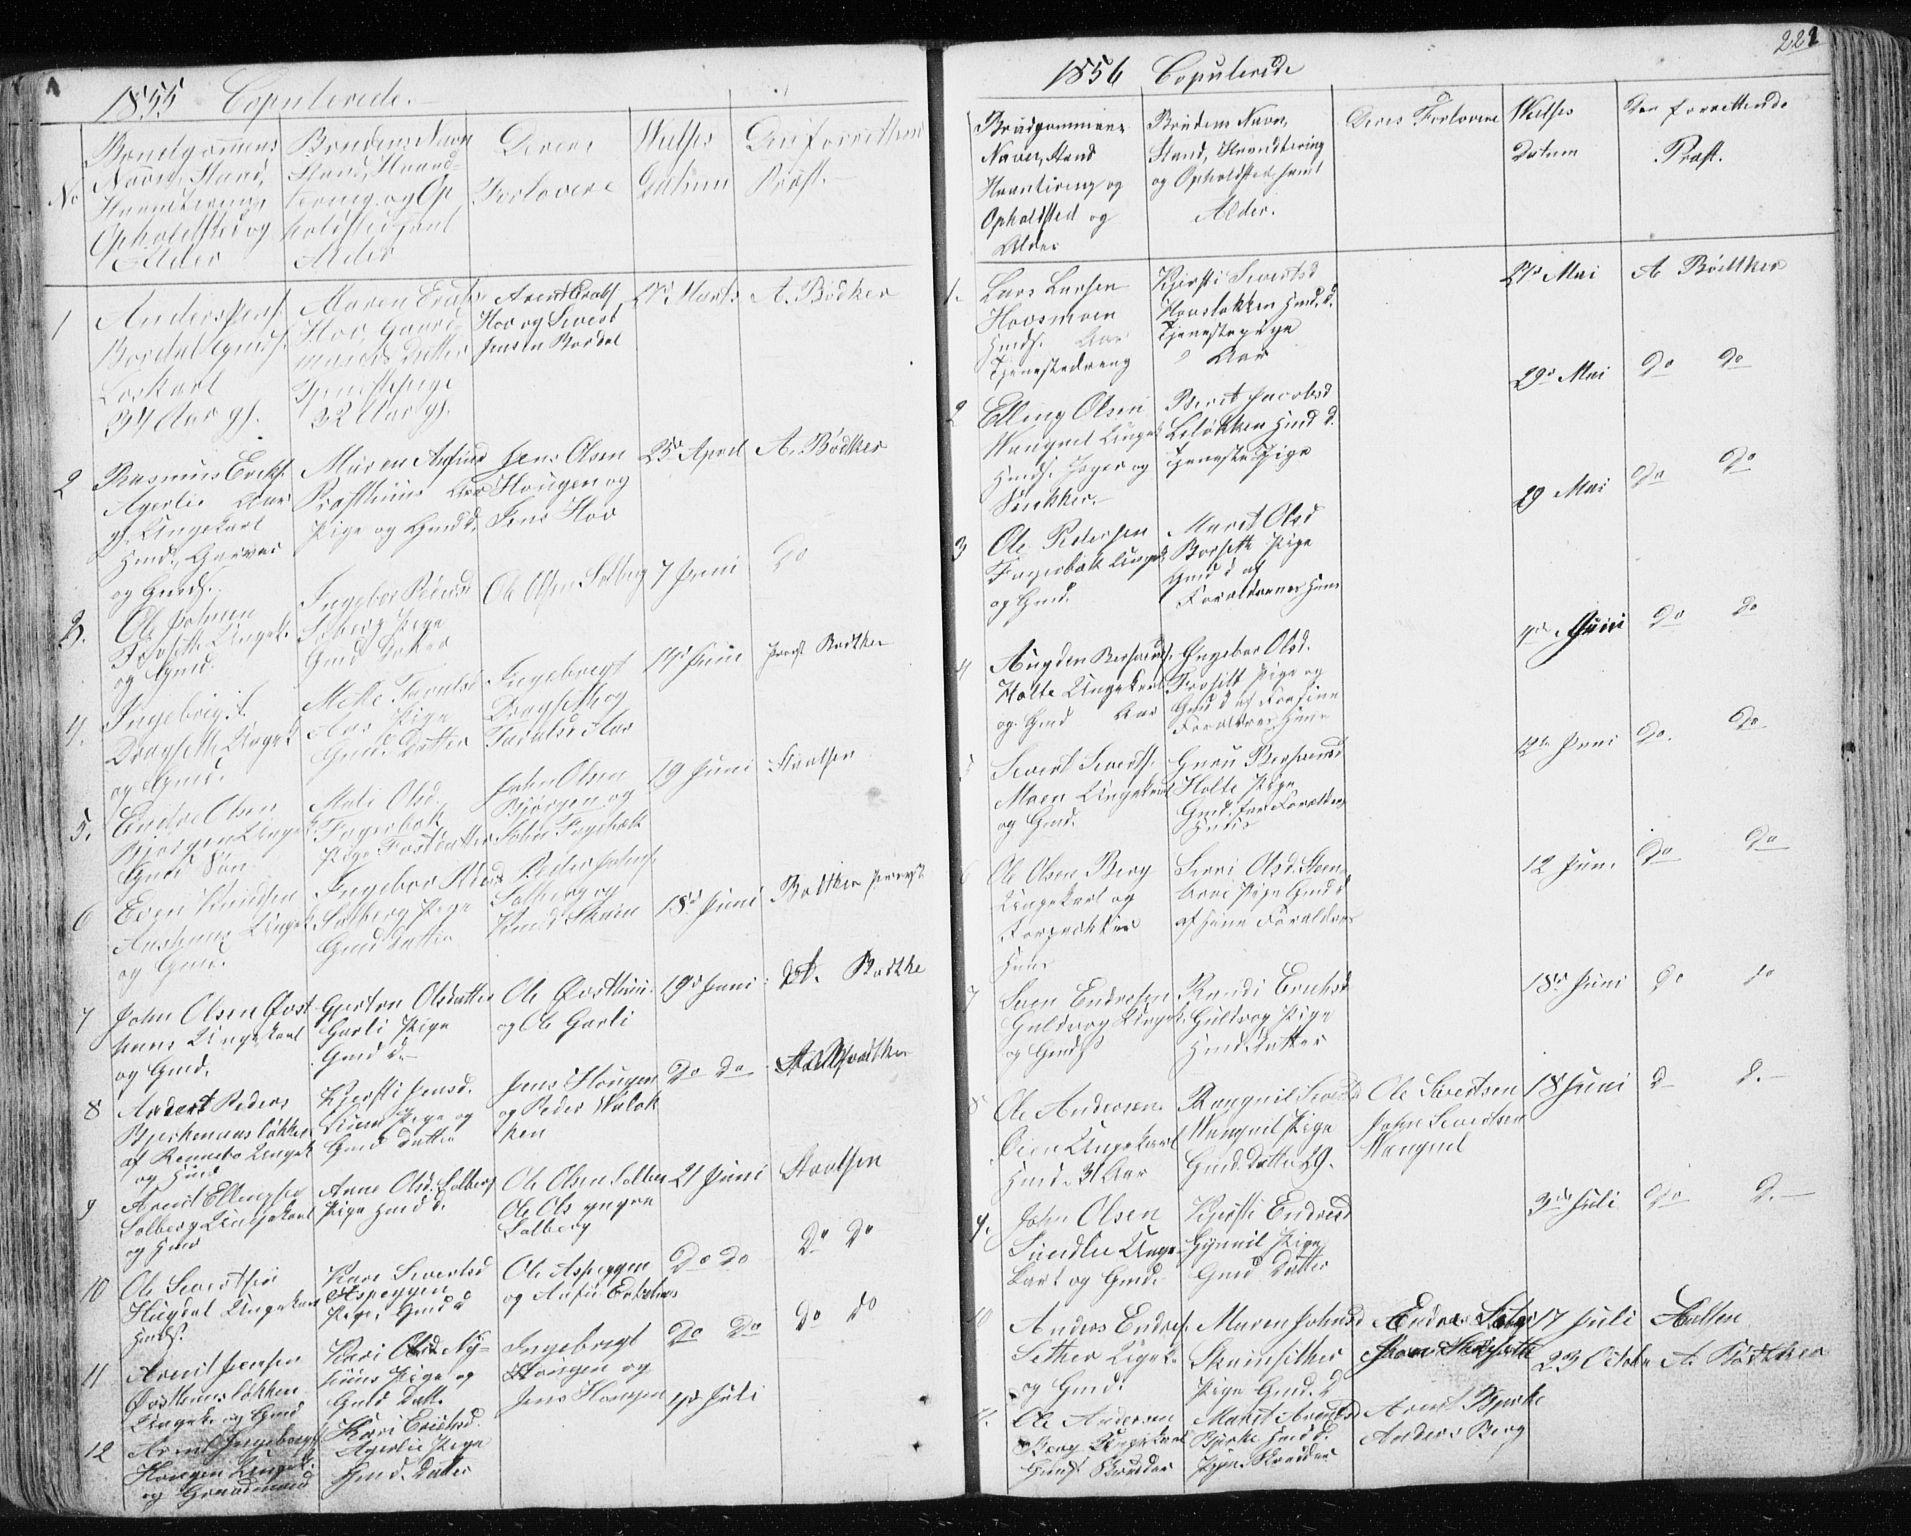 SAT, Ministerialprotokoller, klokkerbøker og fødselsregistre - Sør-Trøndelag, 689/L1043: Klokkerbok nr. 689C02, 1816-1892, s. 222